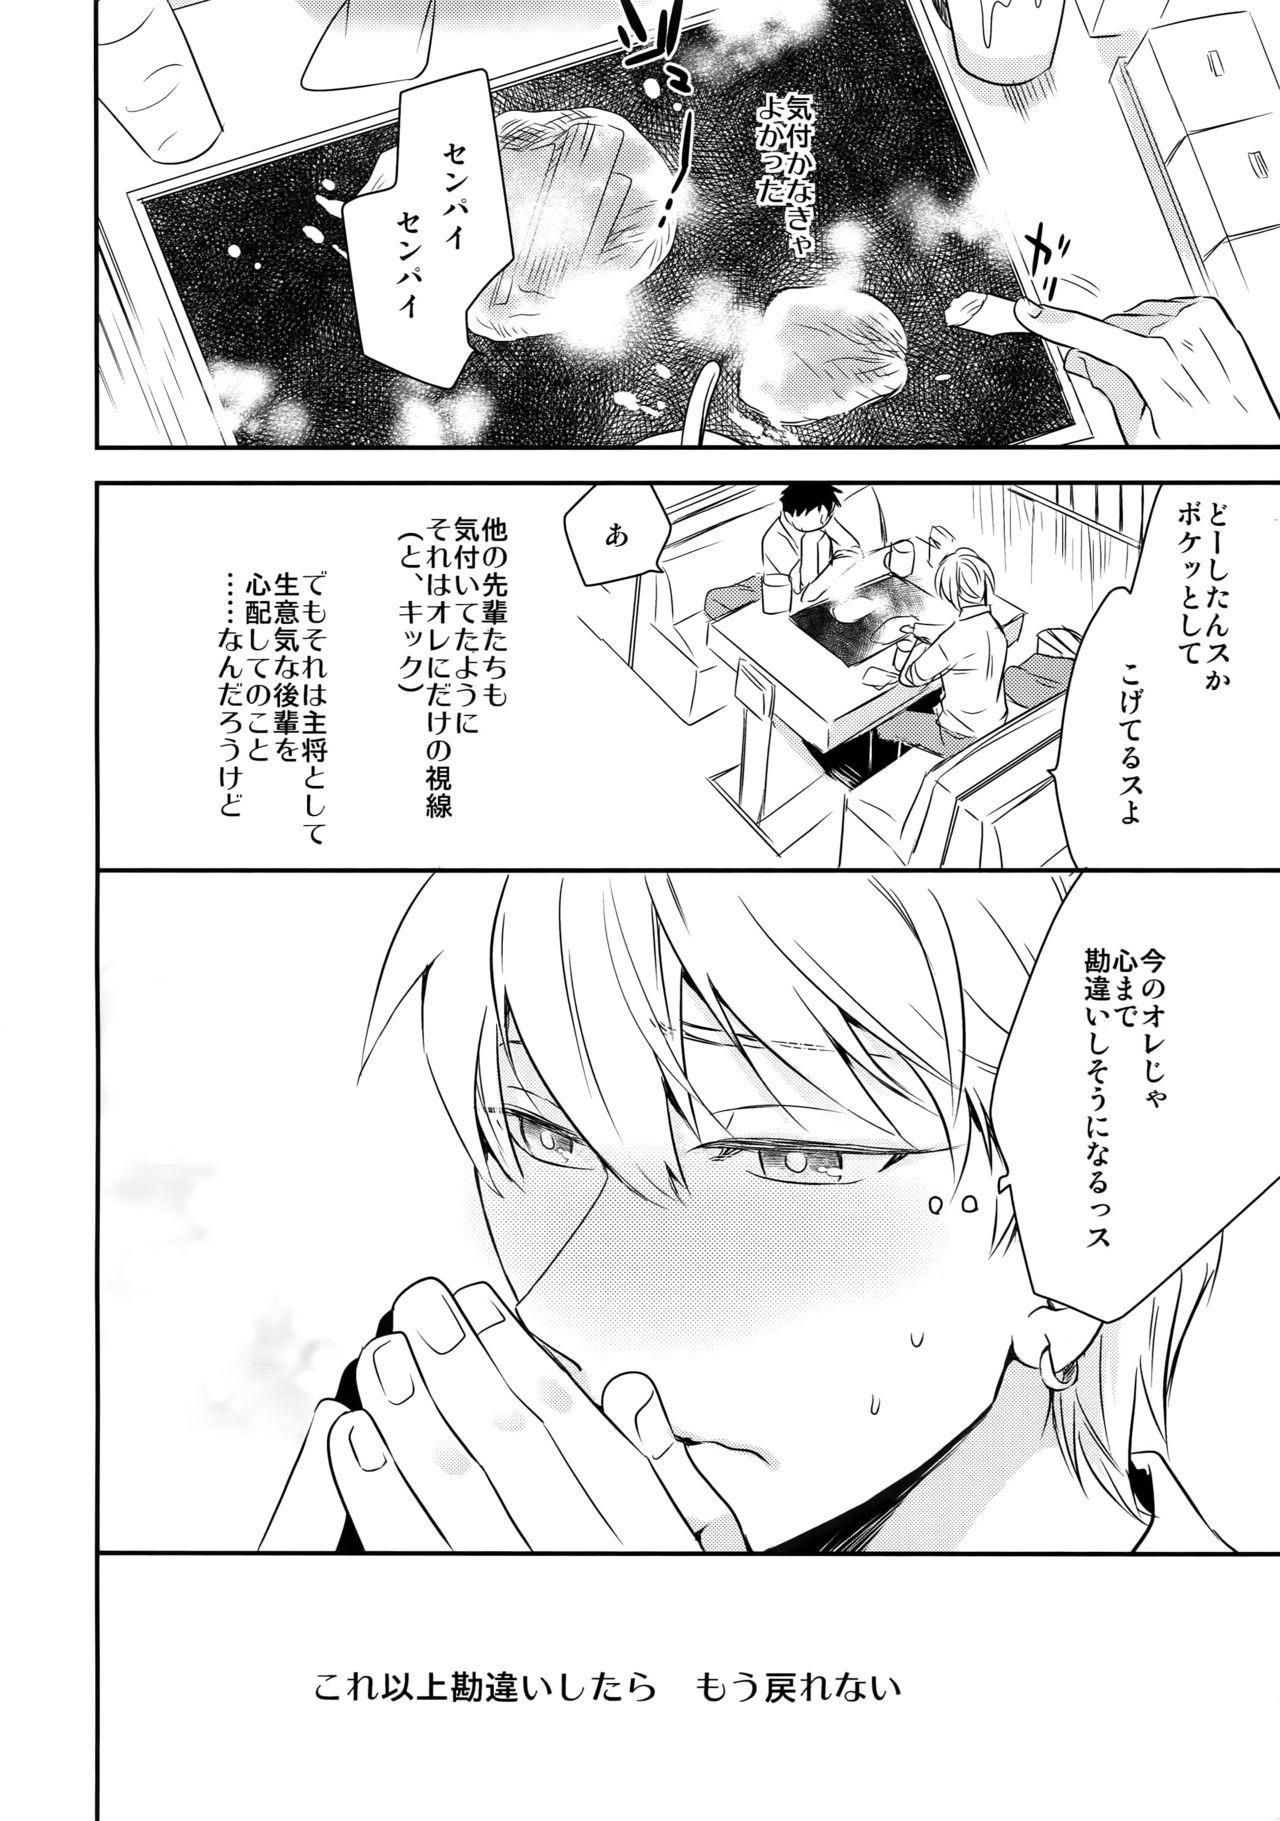 [Bakuchi Jinsei SP (Satsuki Fumi)] Kanpeki Kareshi to Zettai Ryouiki Ouji-sama - Another Version - (Kuroko no Basket) 38